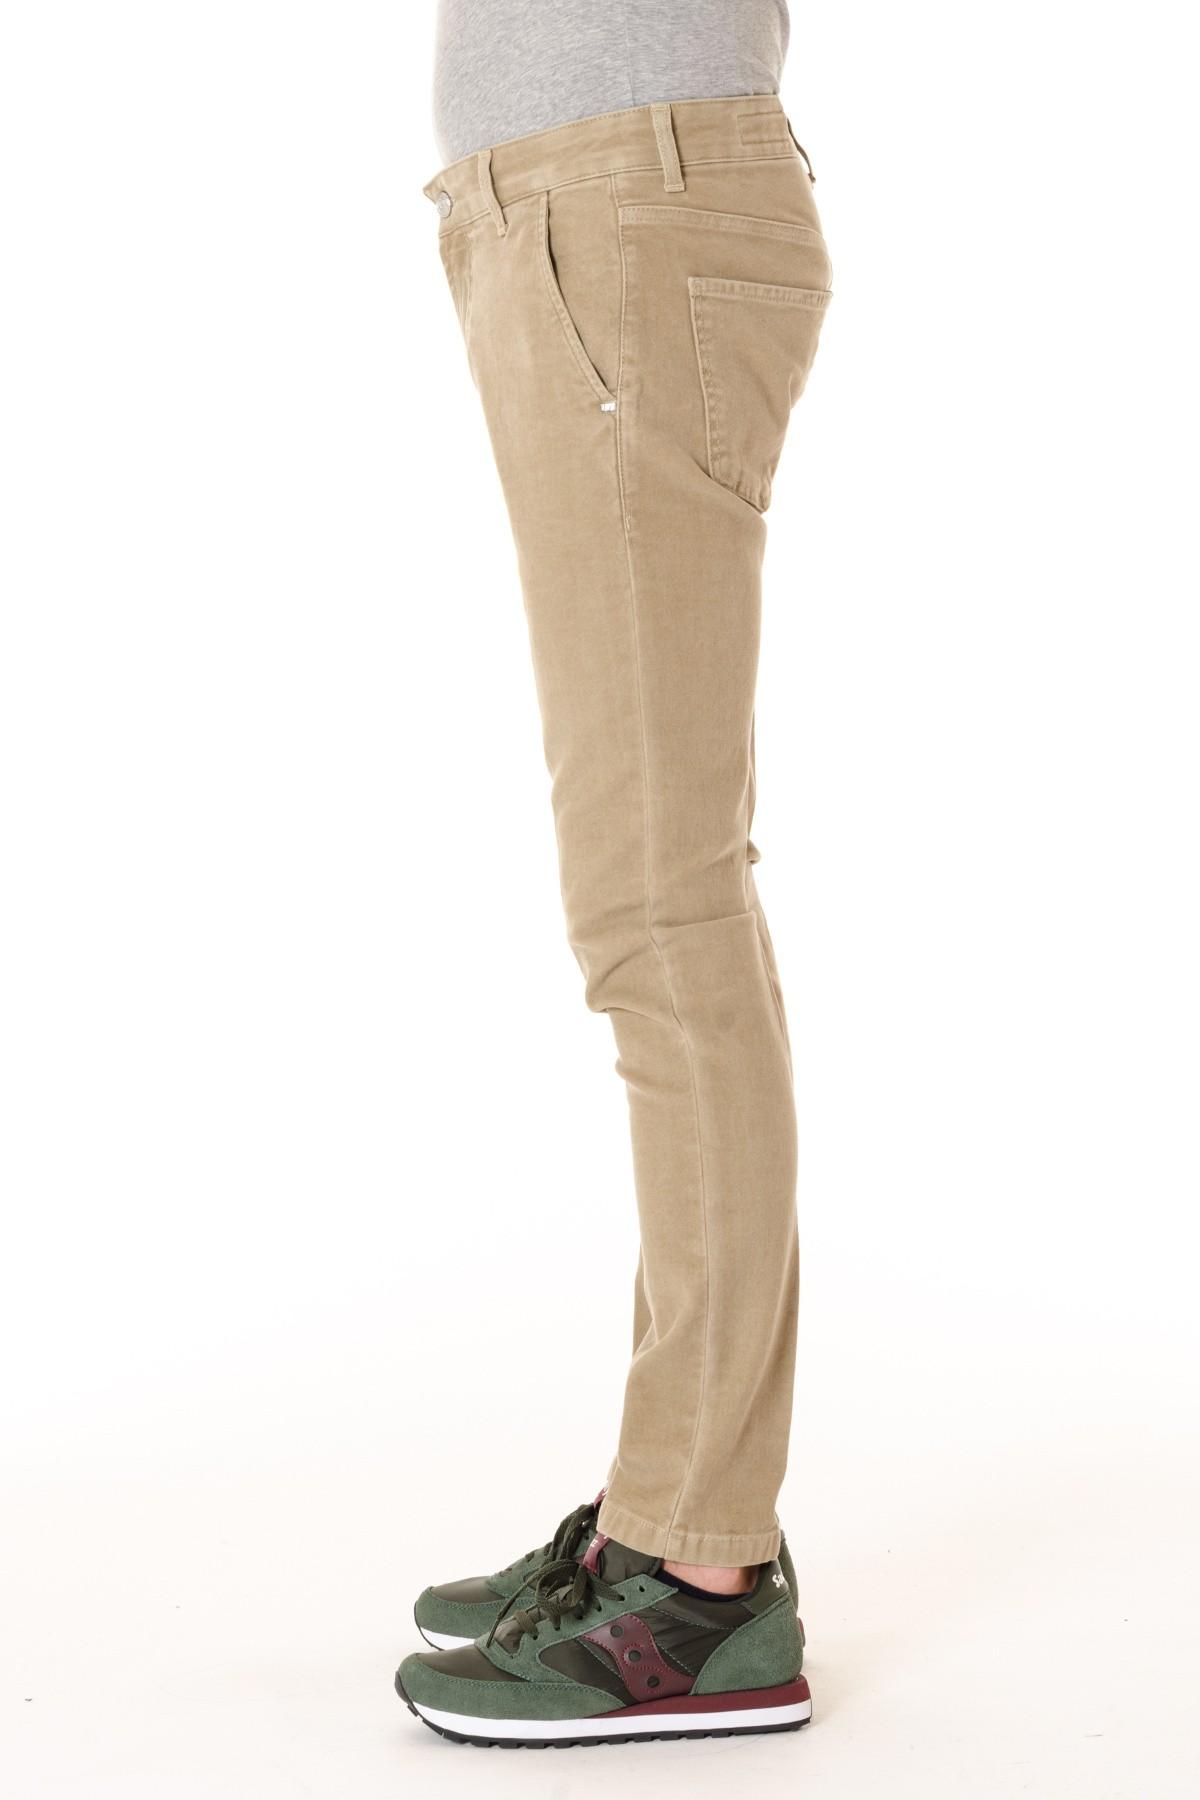 ENTRE AMIS A I Pantalone in cotone per uomo colore beige - Rione Fontana 86e860b5d3e